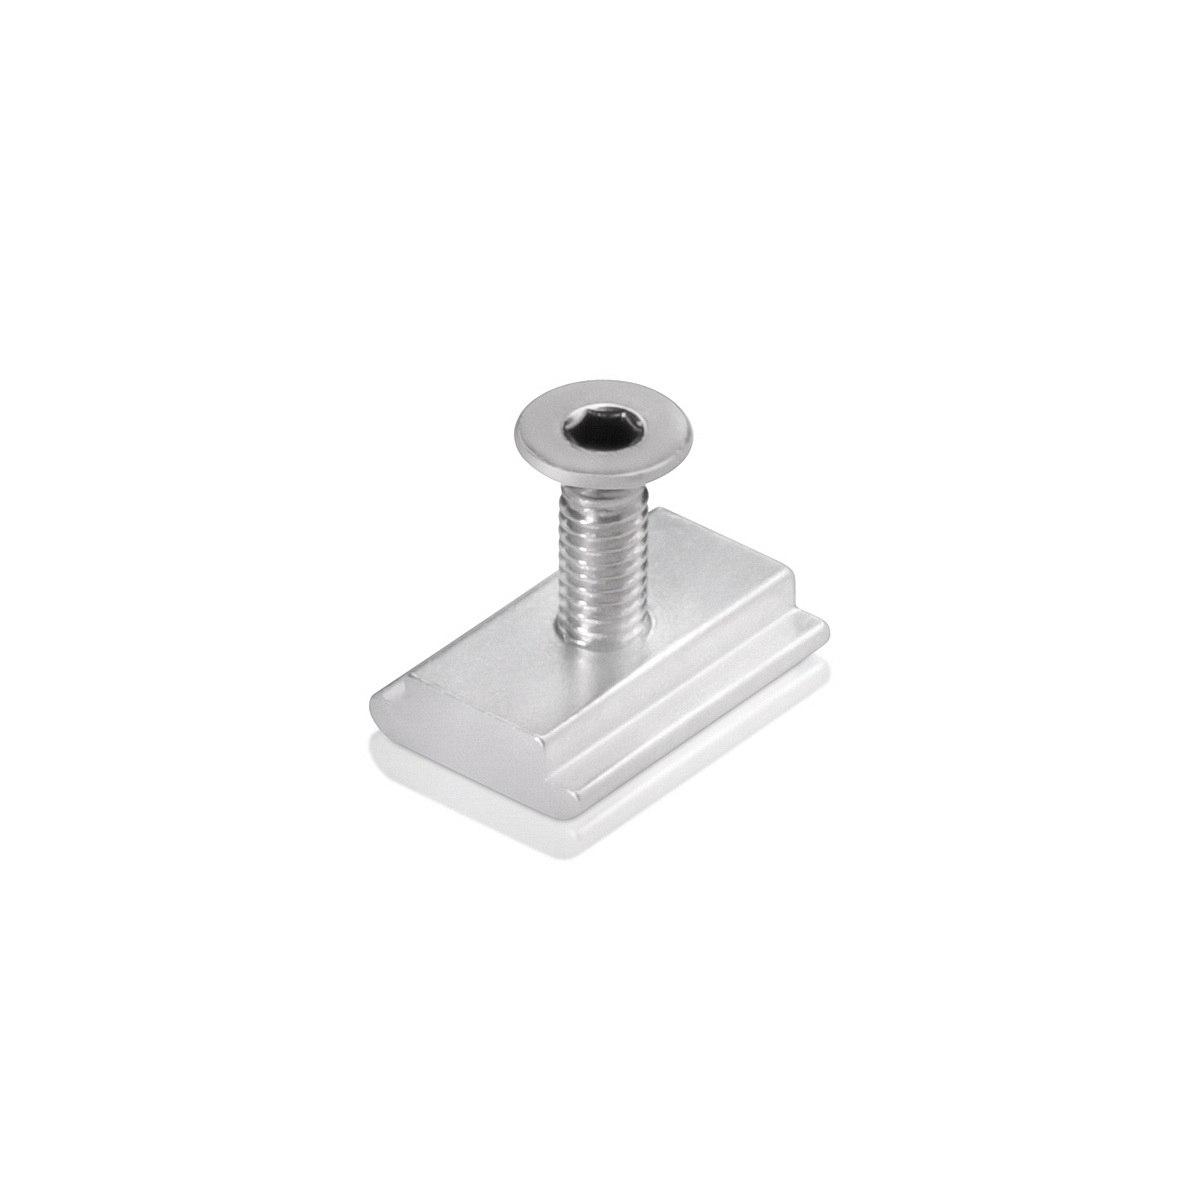 Rectangular track fixing for Aluminum Profile